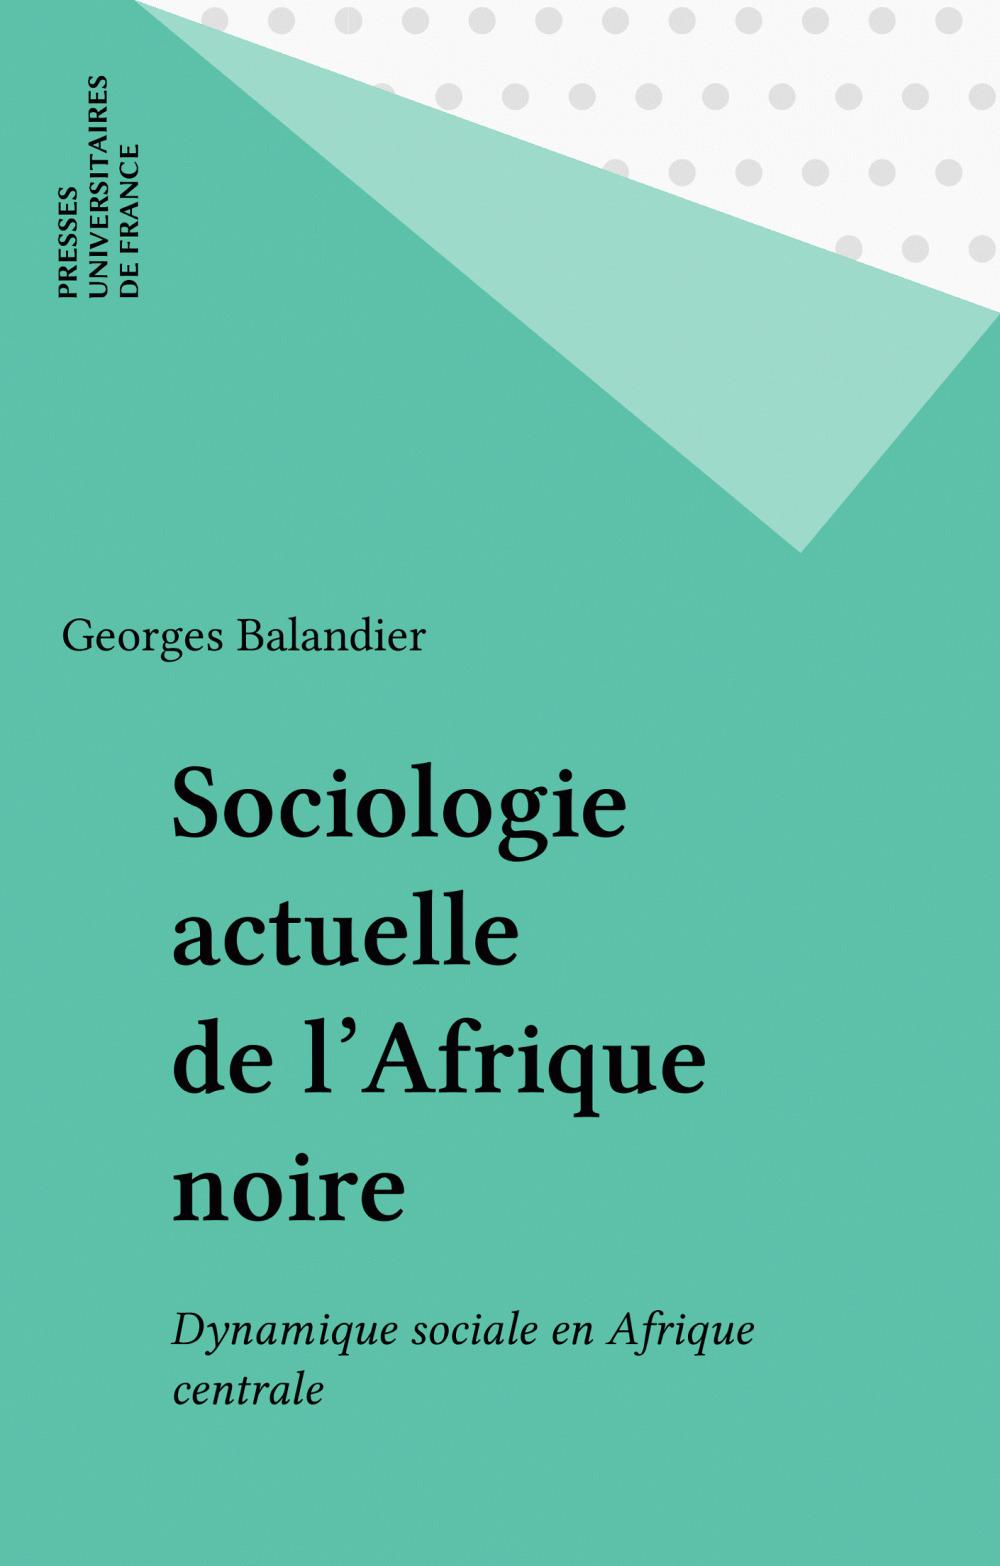 Sociologie actuelle de l'Afrique noire